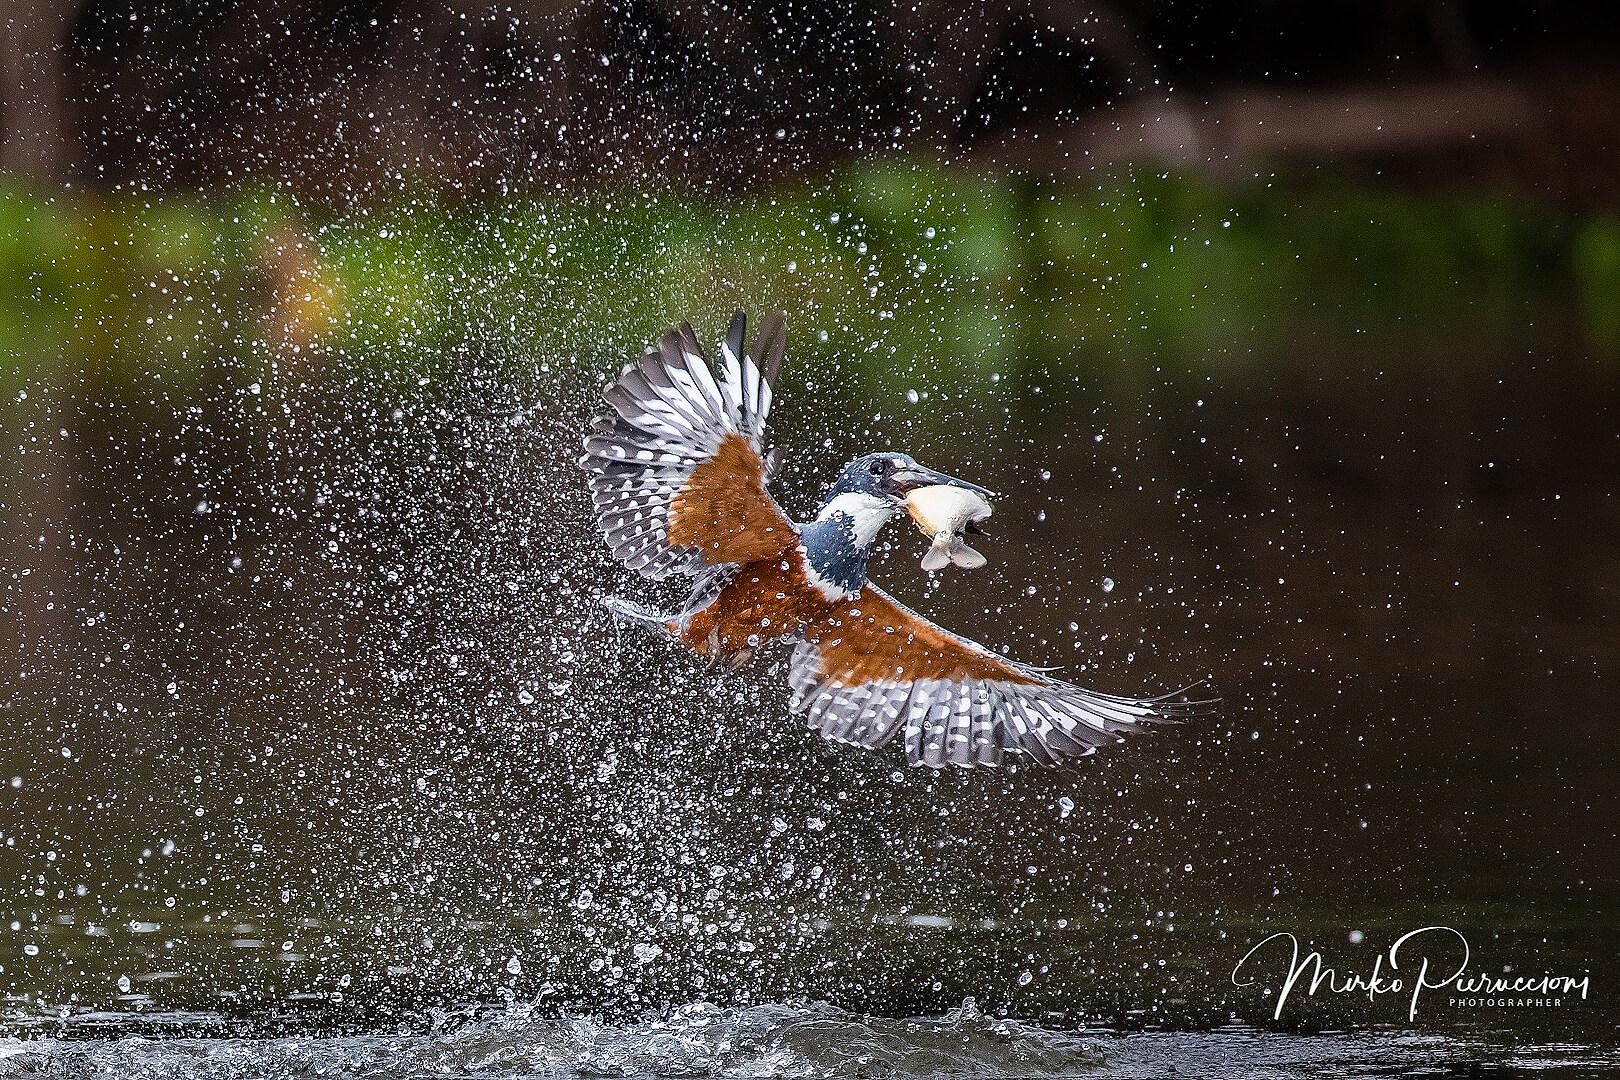 Phototour-Pantanal-2019-2